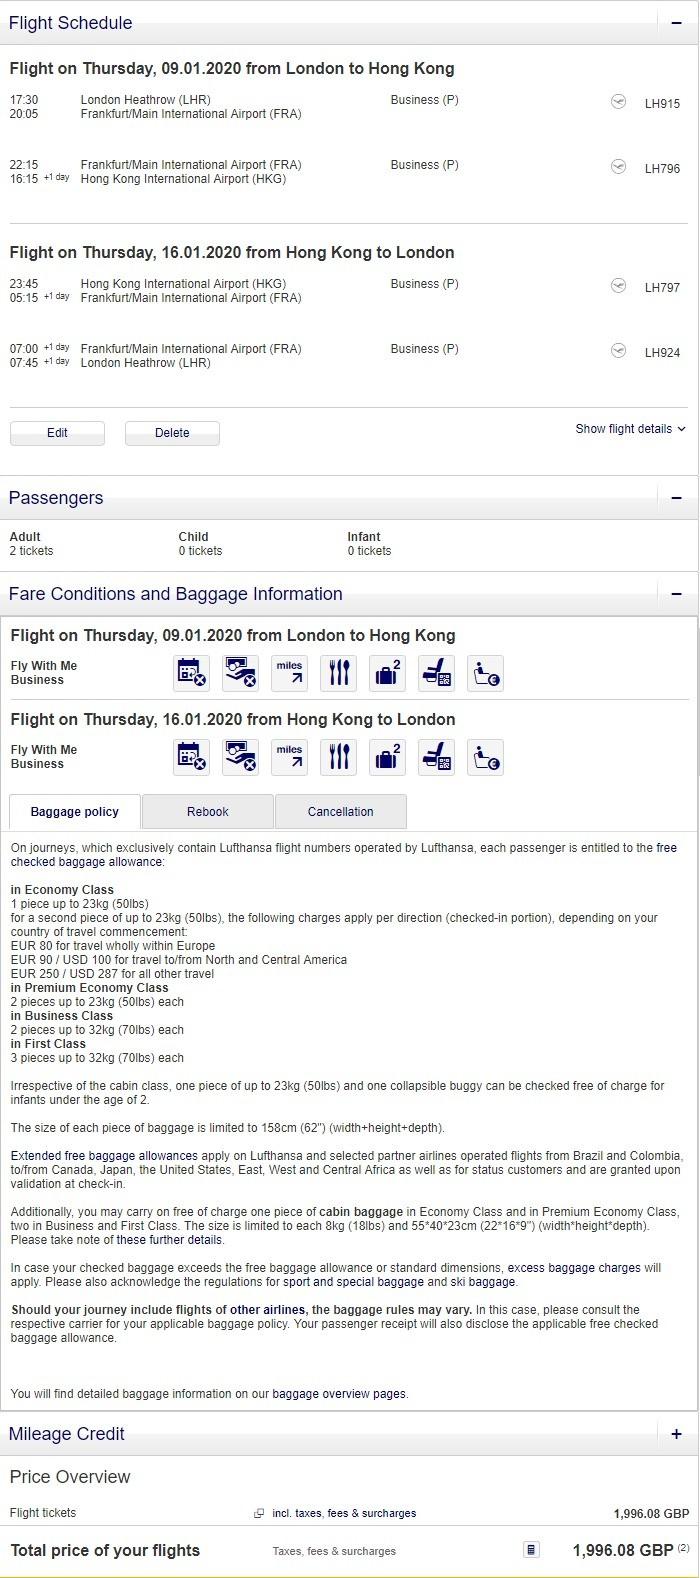 Preisbeispiel Partnerspecial von London nach Hong Kong in der Lufthansa Business-Class